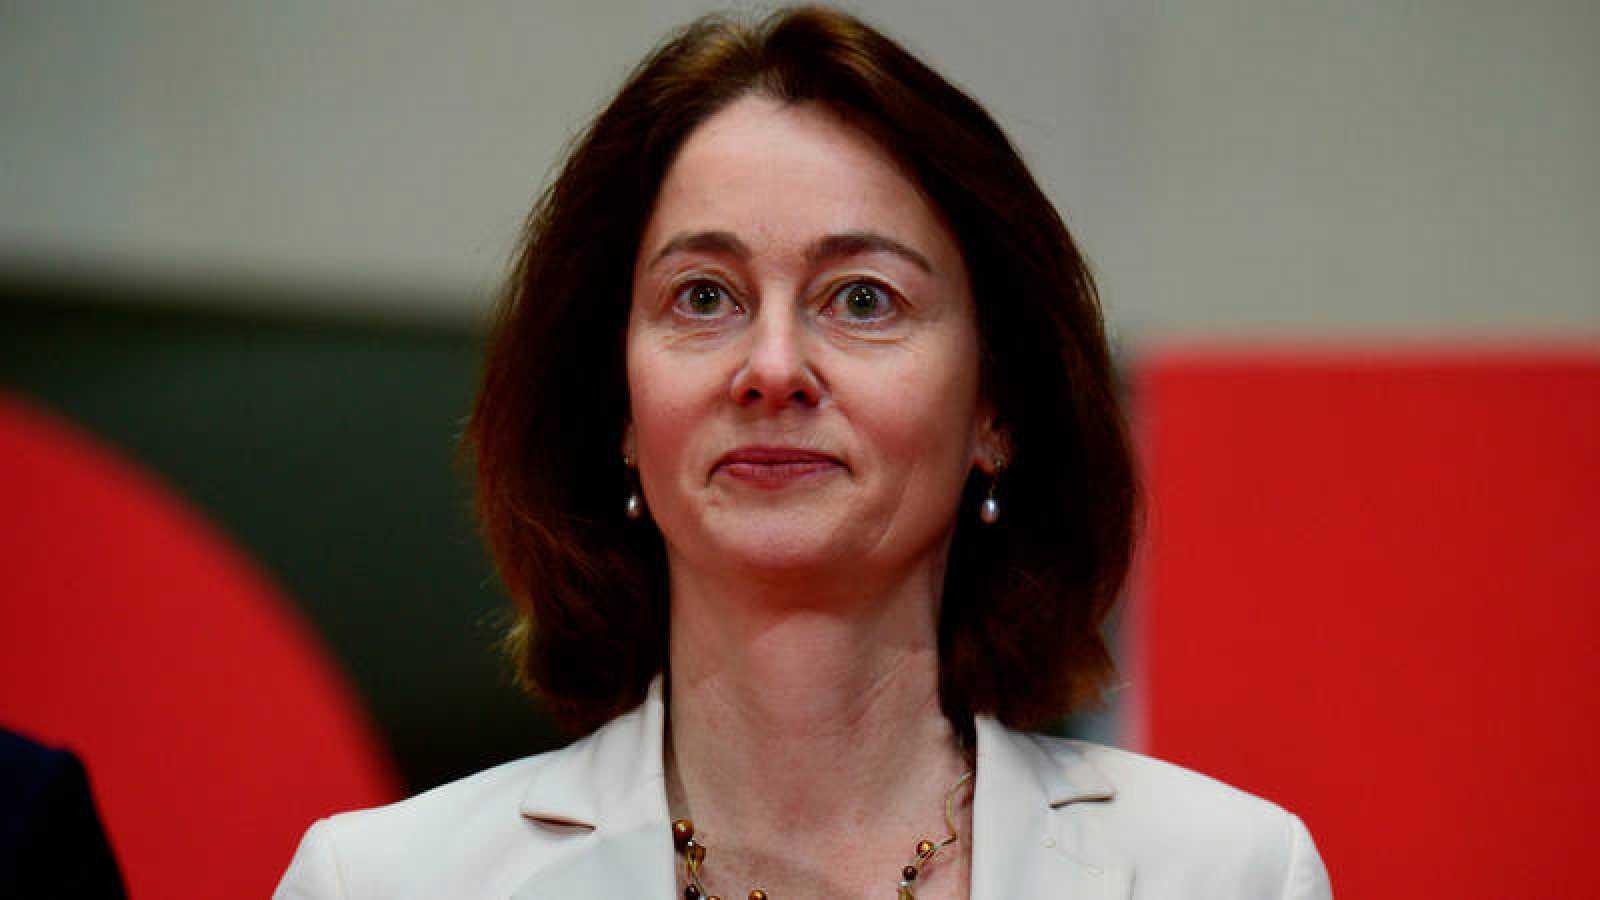 La ministra alemana de Justicia, Katarina Barley